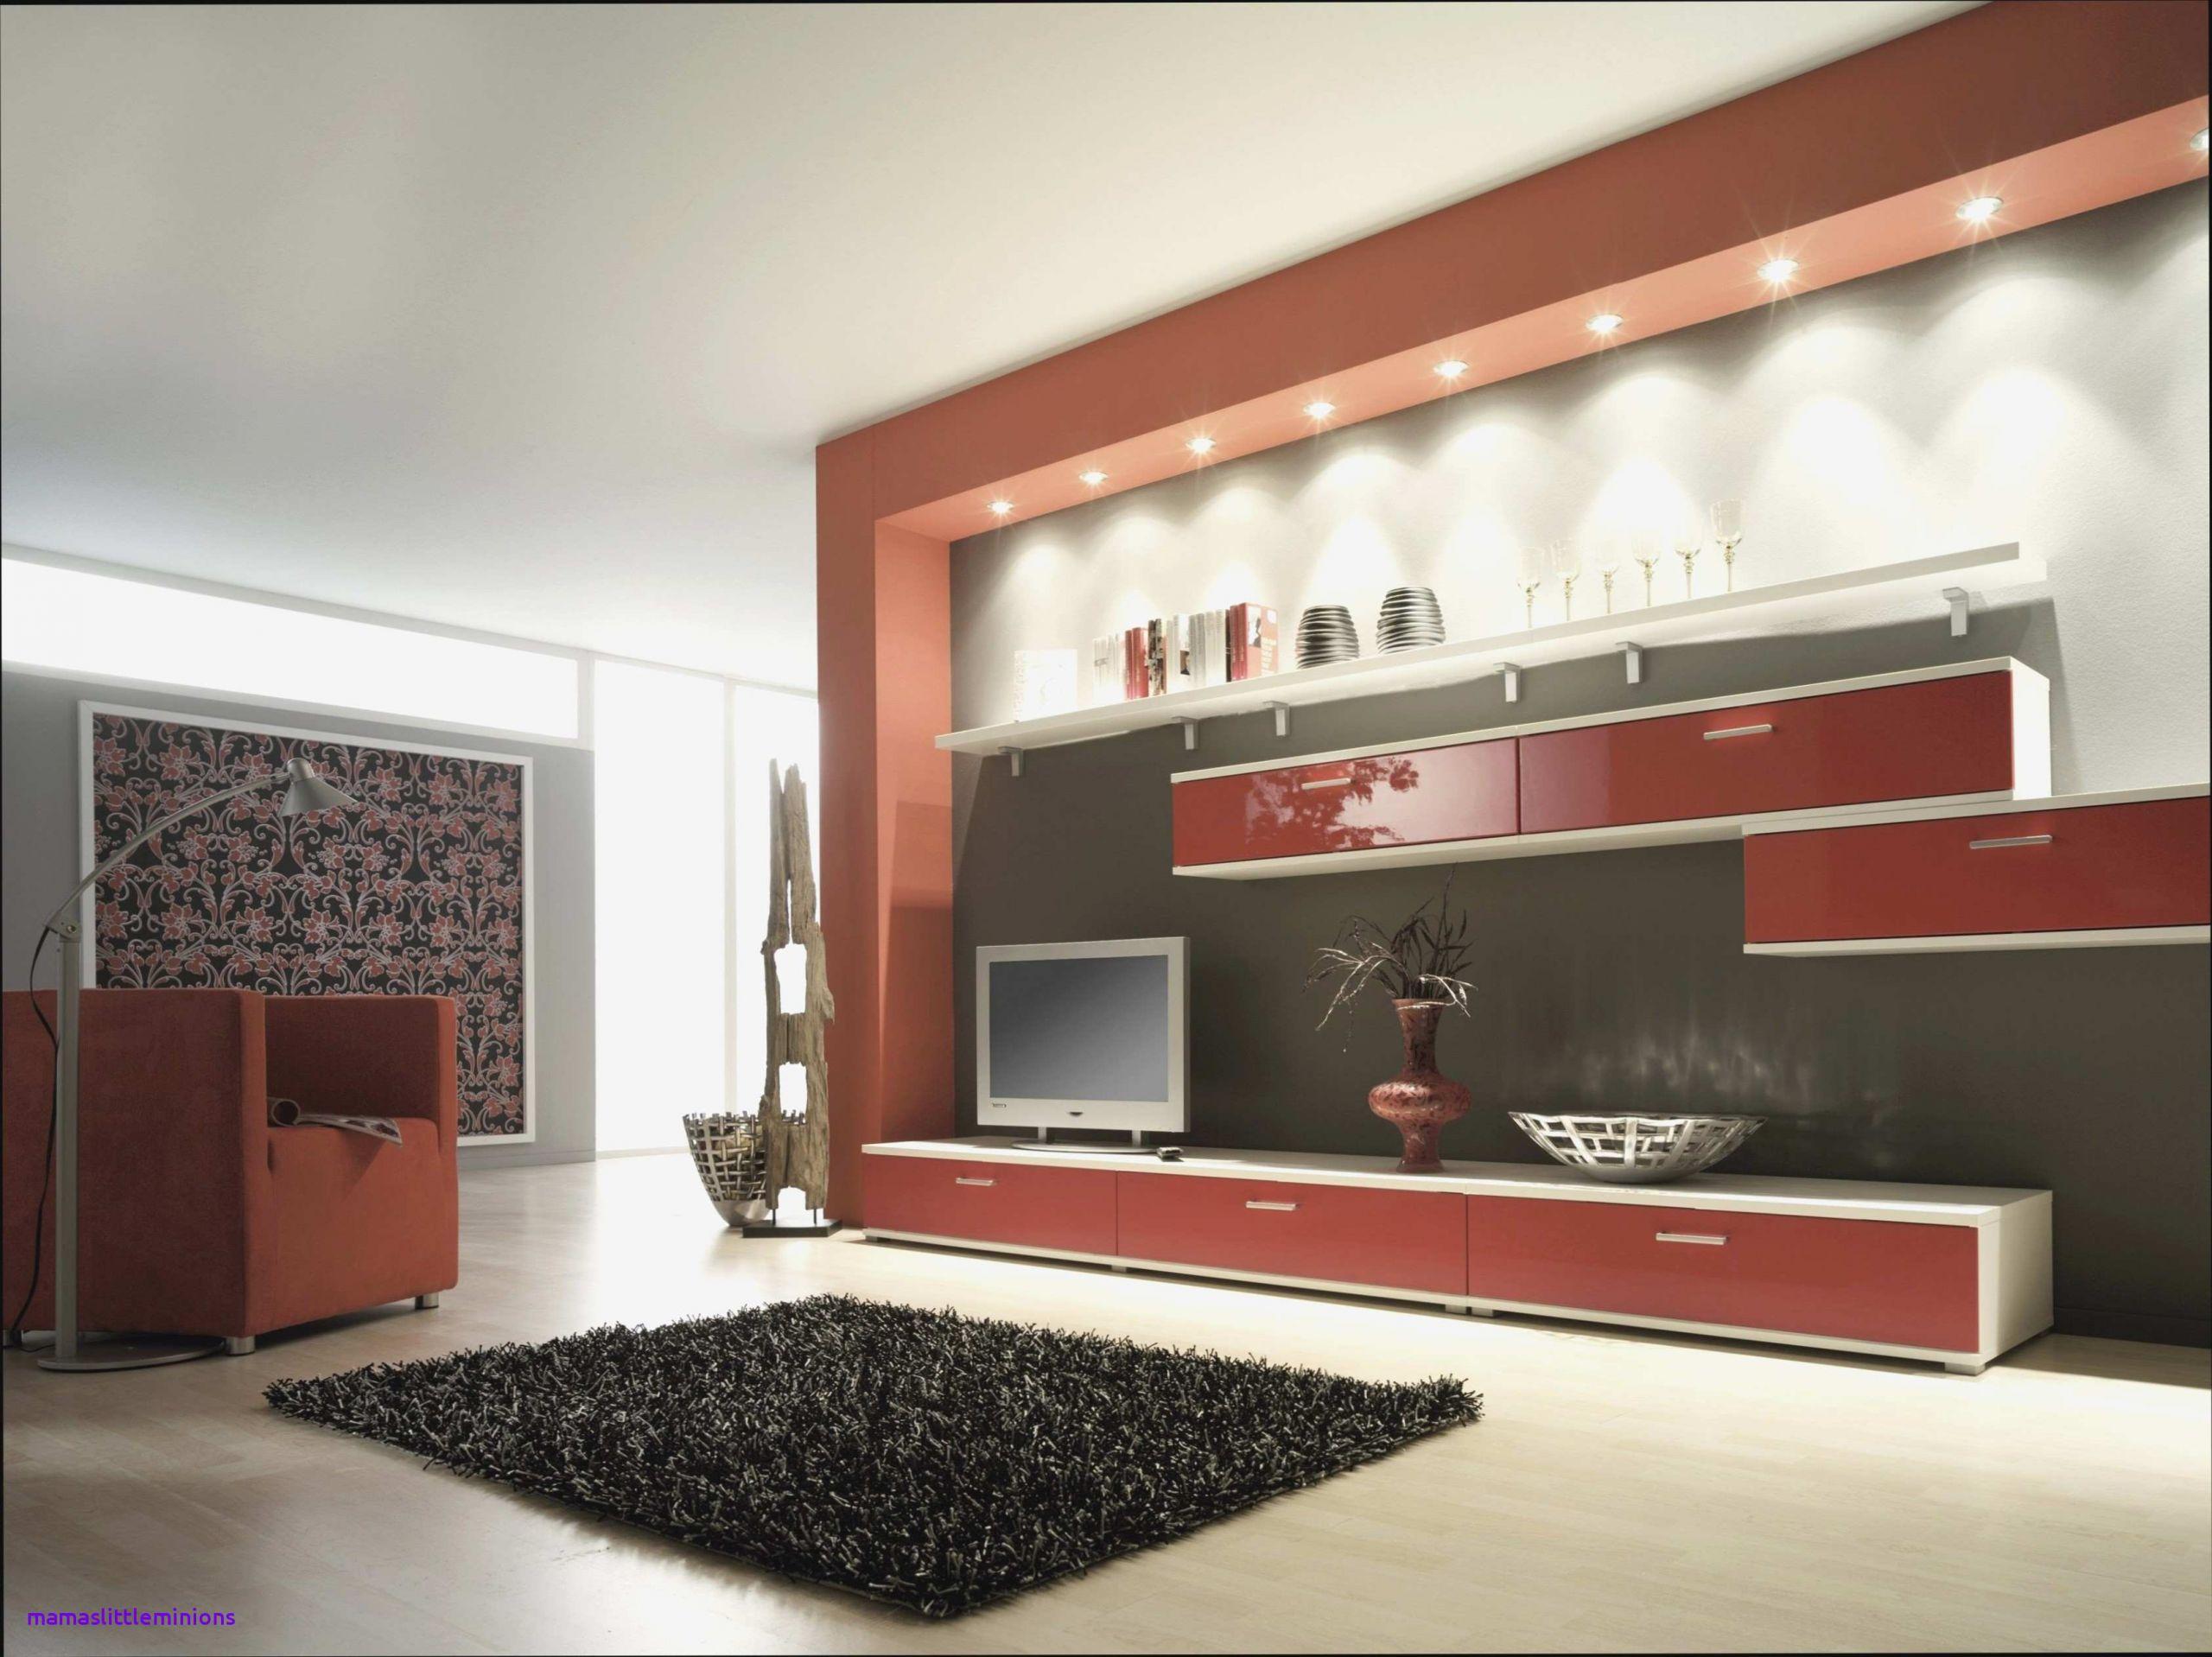 landhaus deko selber machen mit 45 tolle von einrichtung landhausstil dekoration design 31 und schlafzimmer deko selber basteln durchgehend landhausstil deko ideen planen von einrichtung landhausstil